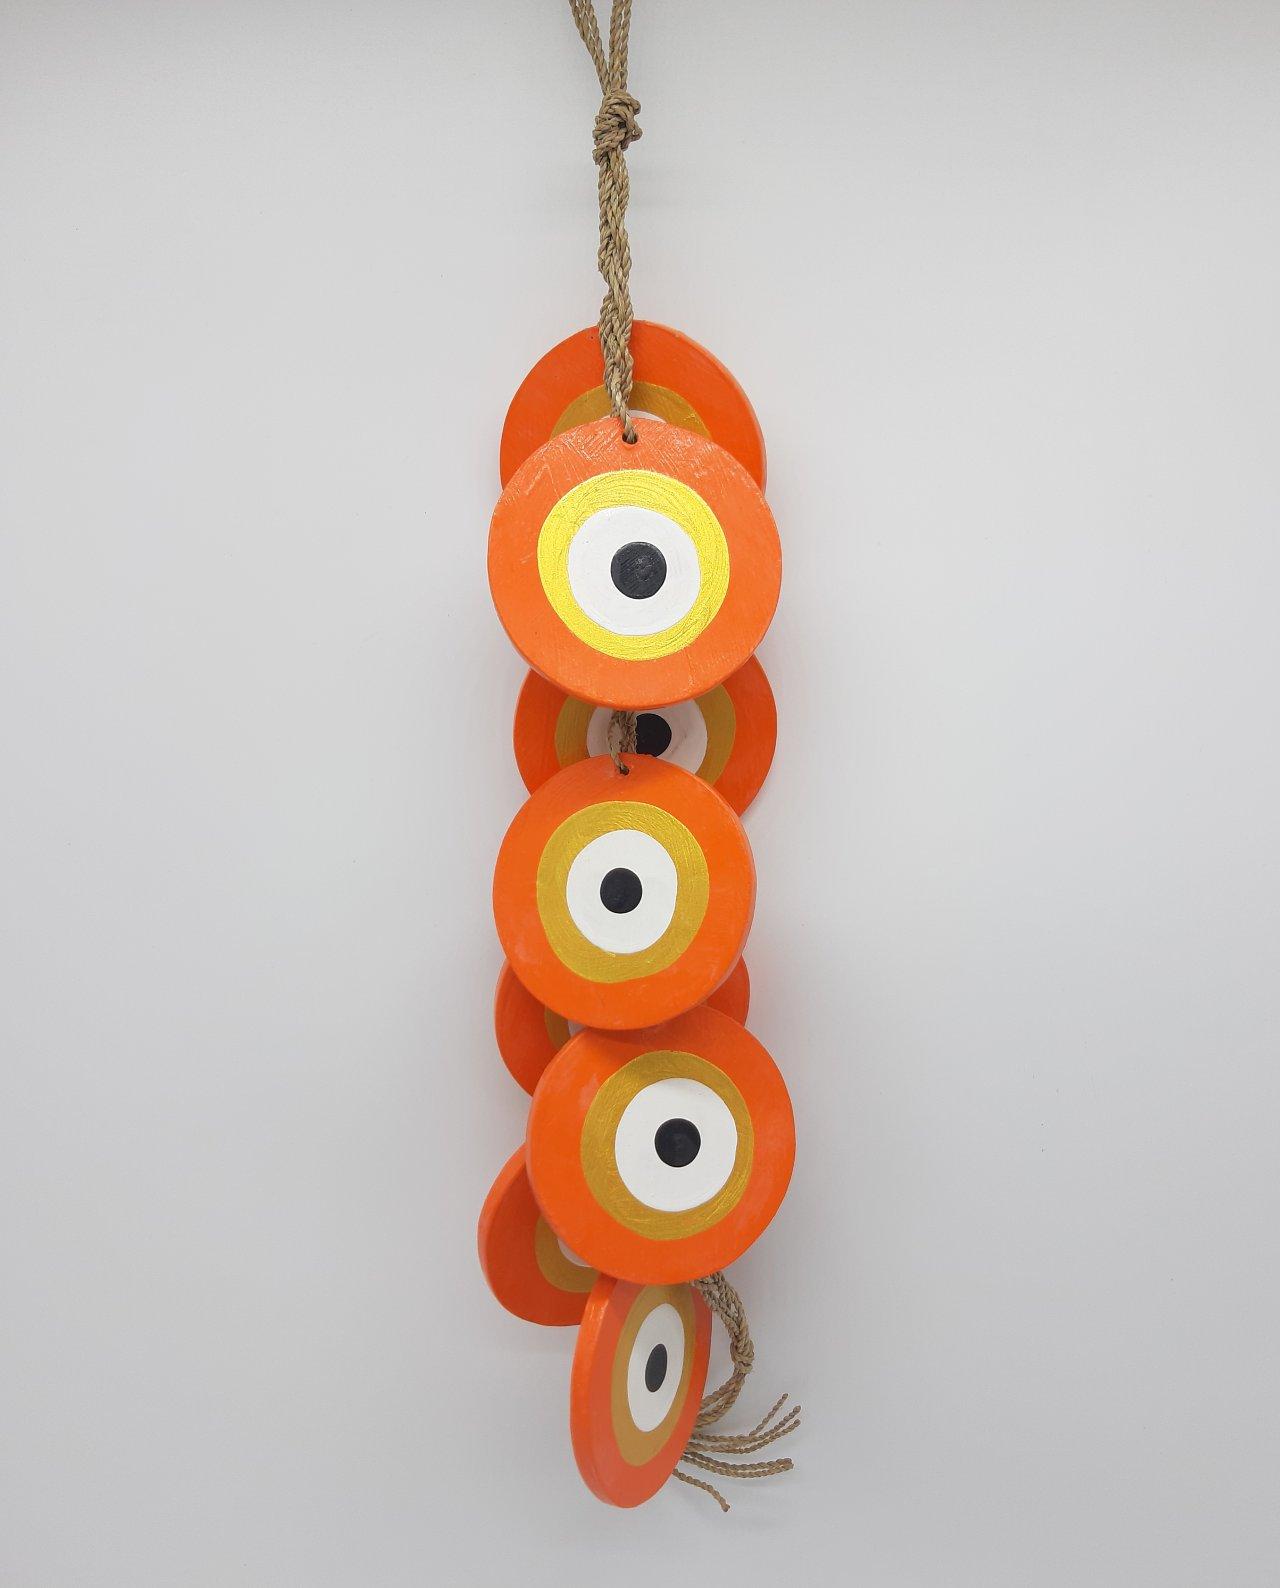 Γιρλάντα 8 Ματάκια Ξύλινα Χειροποίητα Μήκος 50 cm χρώμα πορτοκαλί χρυσό